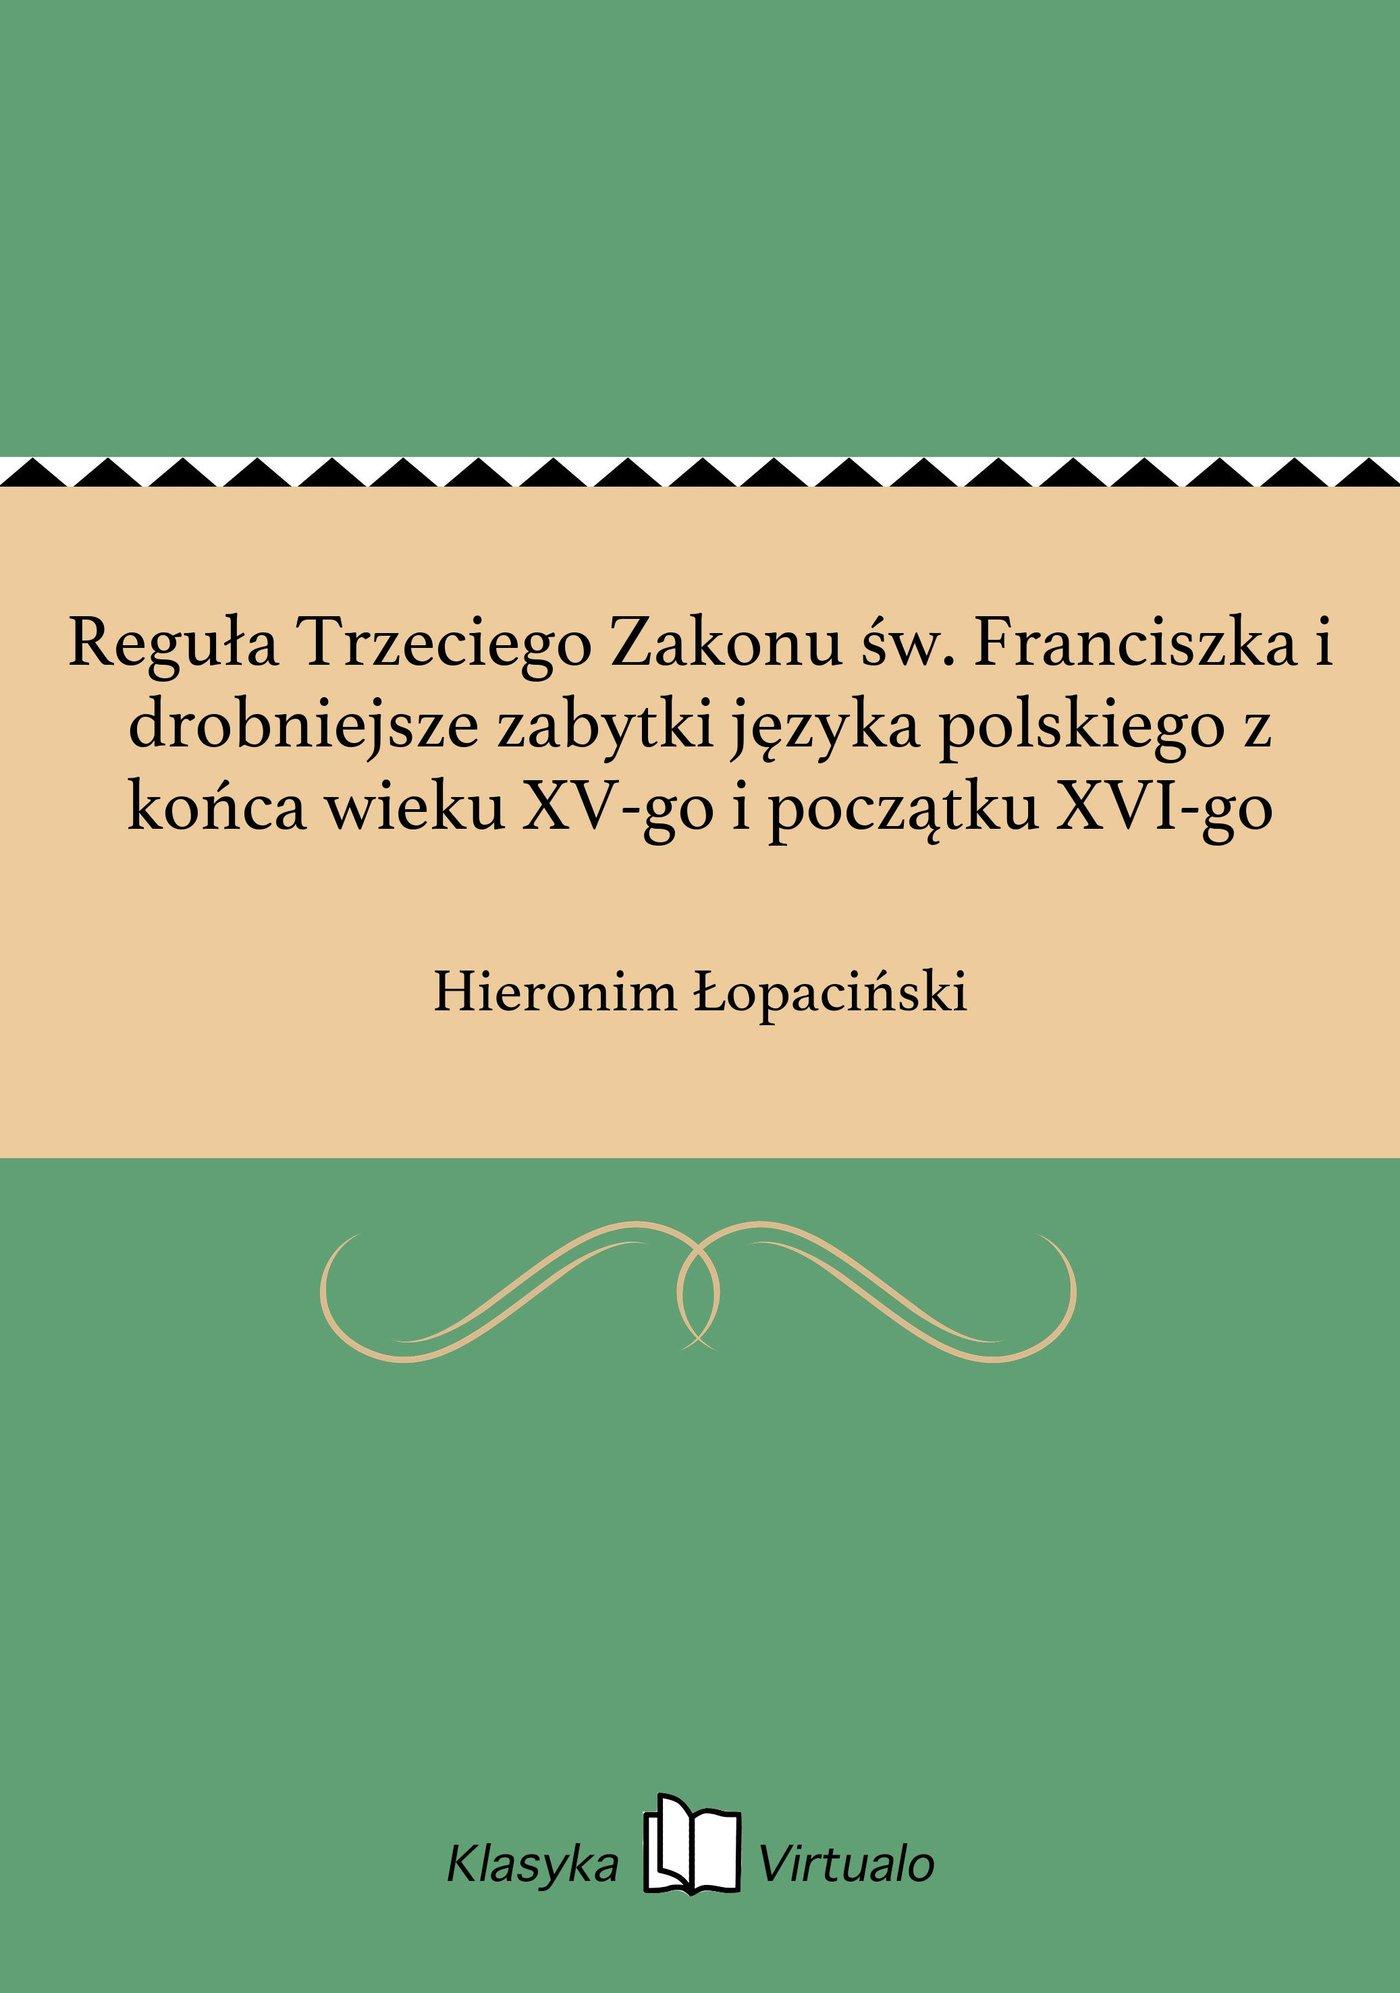 Reguła Trzeciego Zakonu św. Franciszka i drobniejsze zabytki języka polskiego z końca wieku XV-go i początku XVI-go - Ebook (Książka EPUB) do pobrania w formacie EPUB